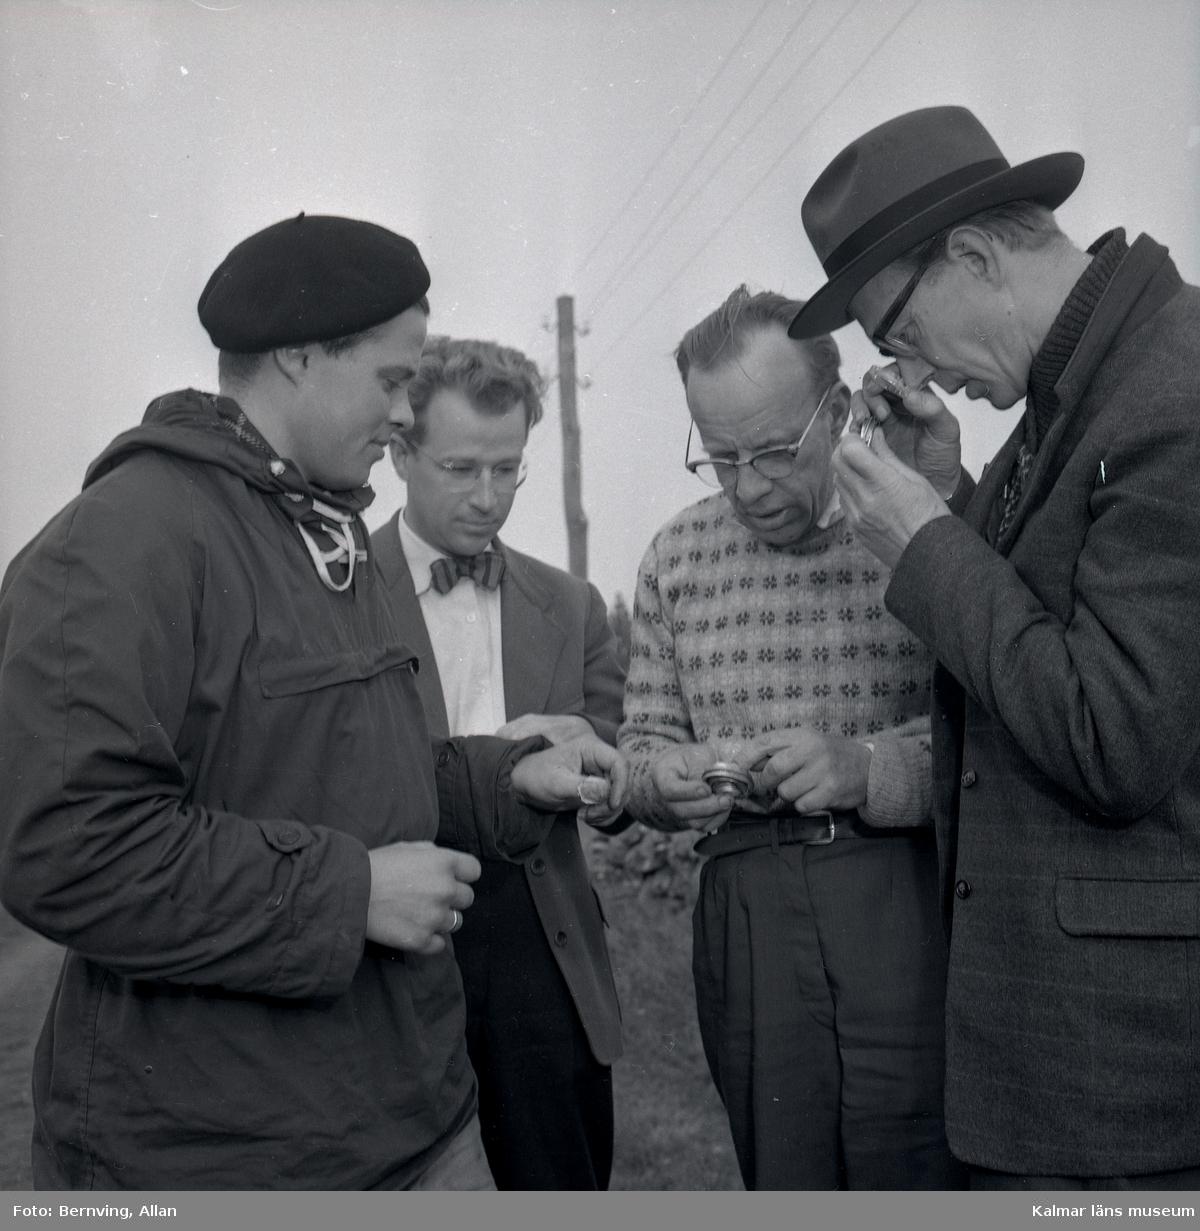 Amanuens Hagberg (arkeolog), KG Pettersson (har varit museichef i Kalmar läns museum mellan 1973-1983), docent Wilhelm Holmquist, Stockholm, och antikvarie Gunnar Ekelund kollar på ett arkeologiskt fynd - guldringarna i Skedemosse.